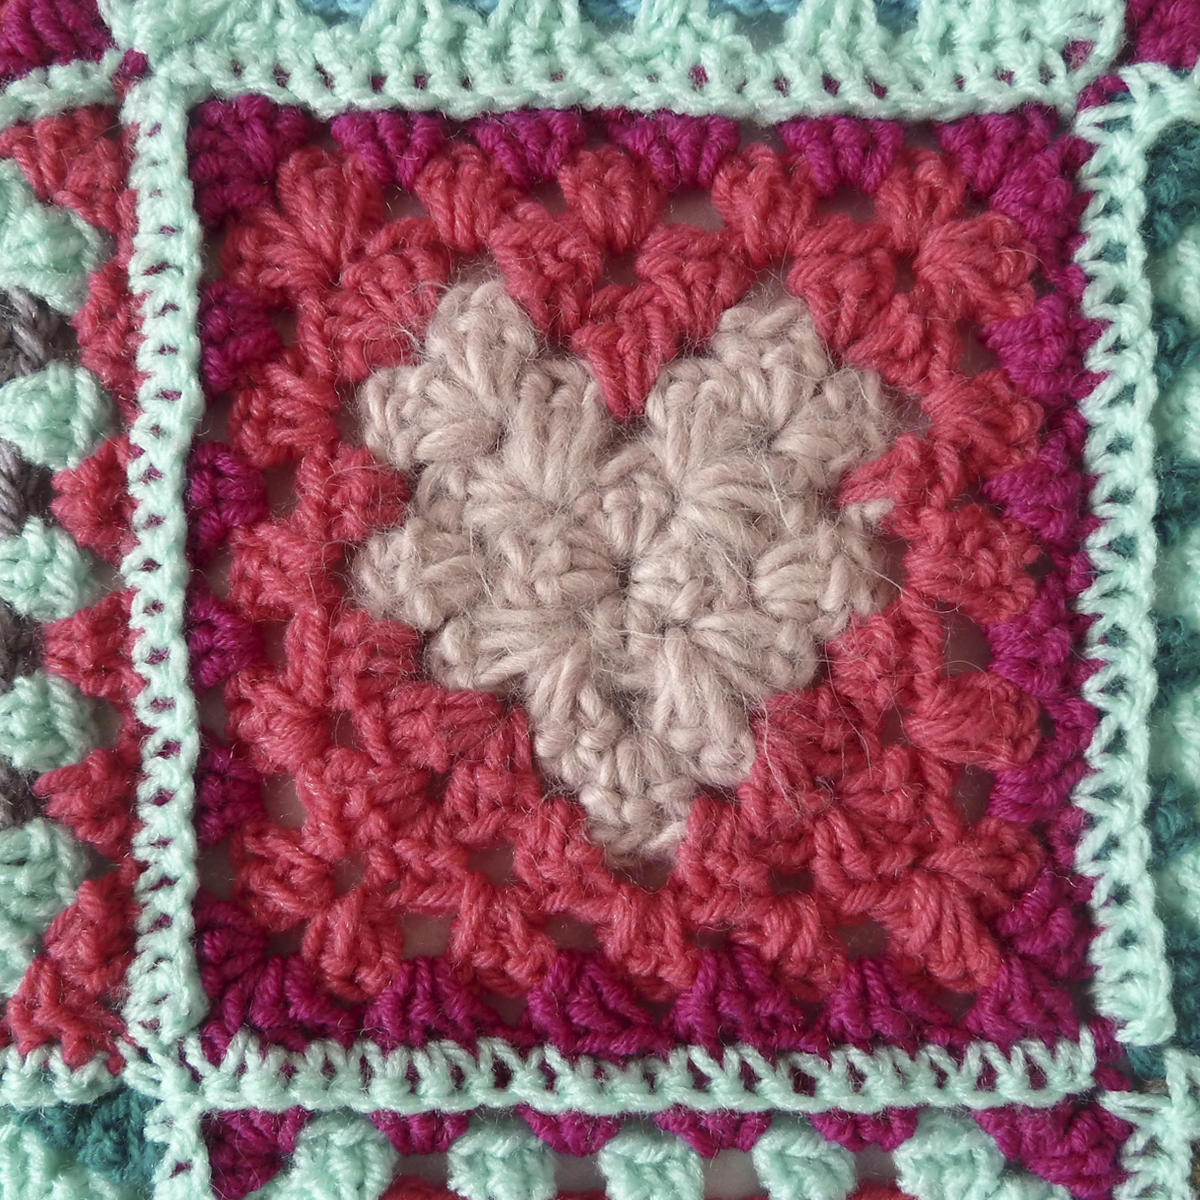 crochet granny square heart.jpg